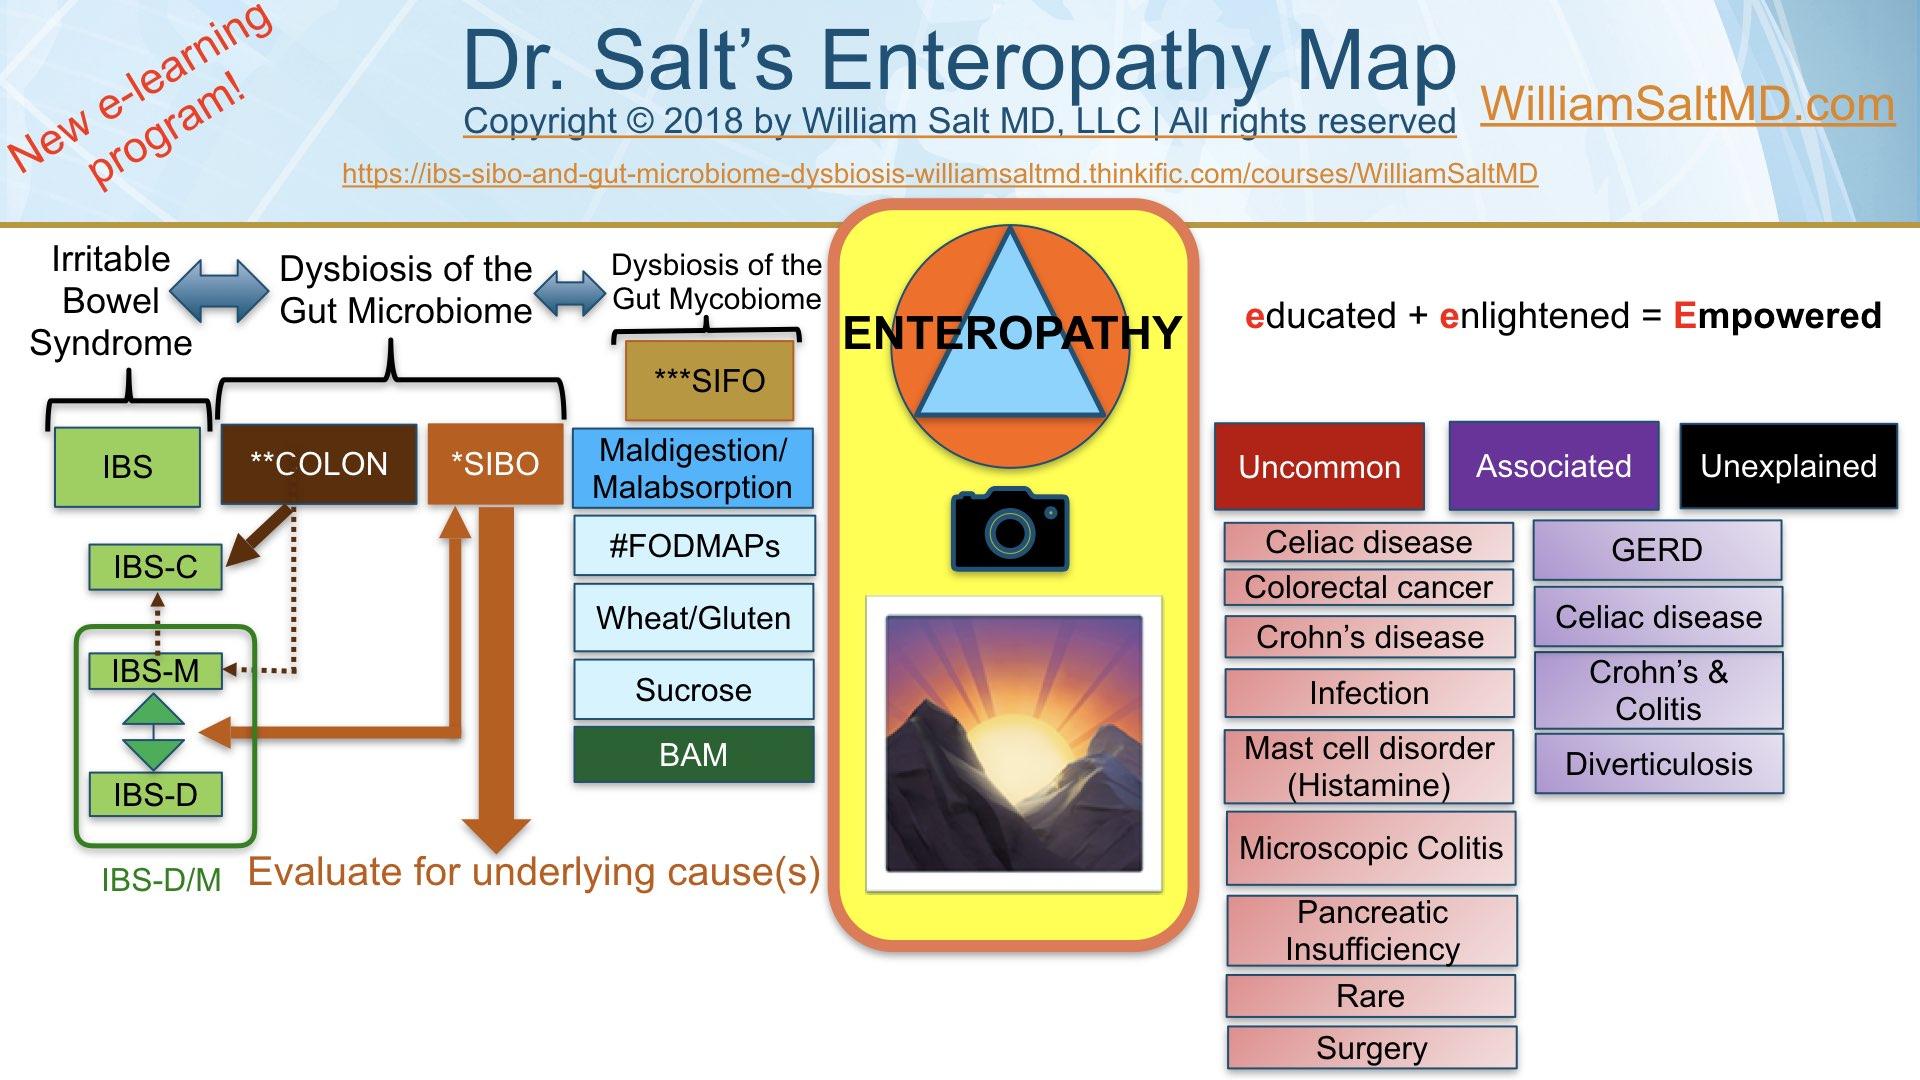 DrSalt Enteropathy Map.jpeg